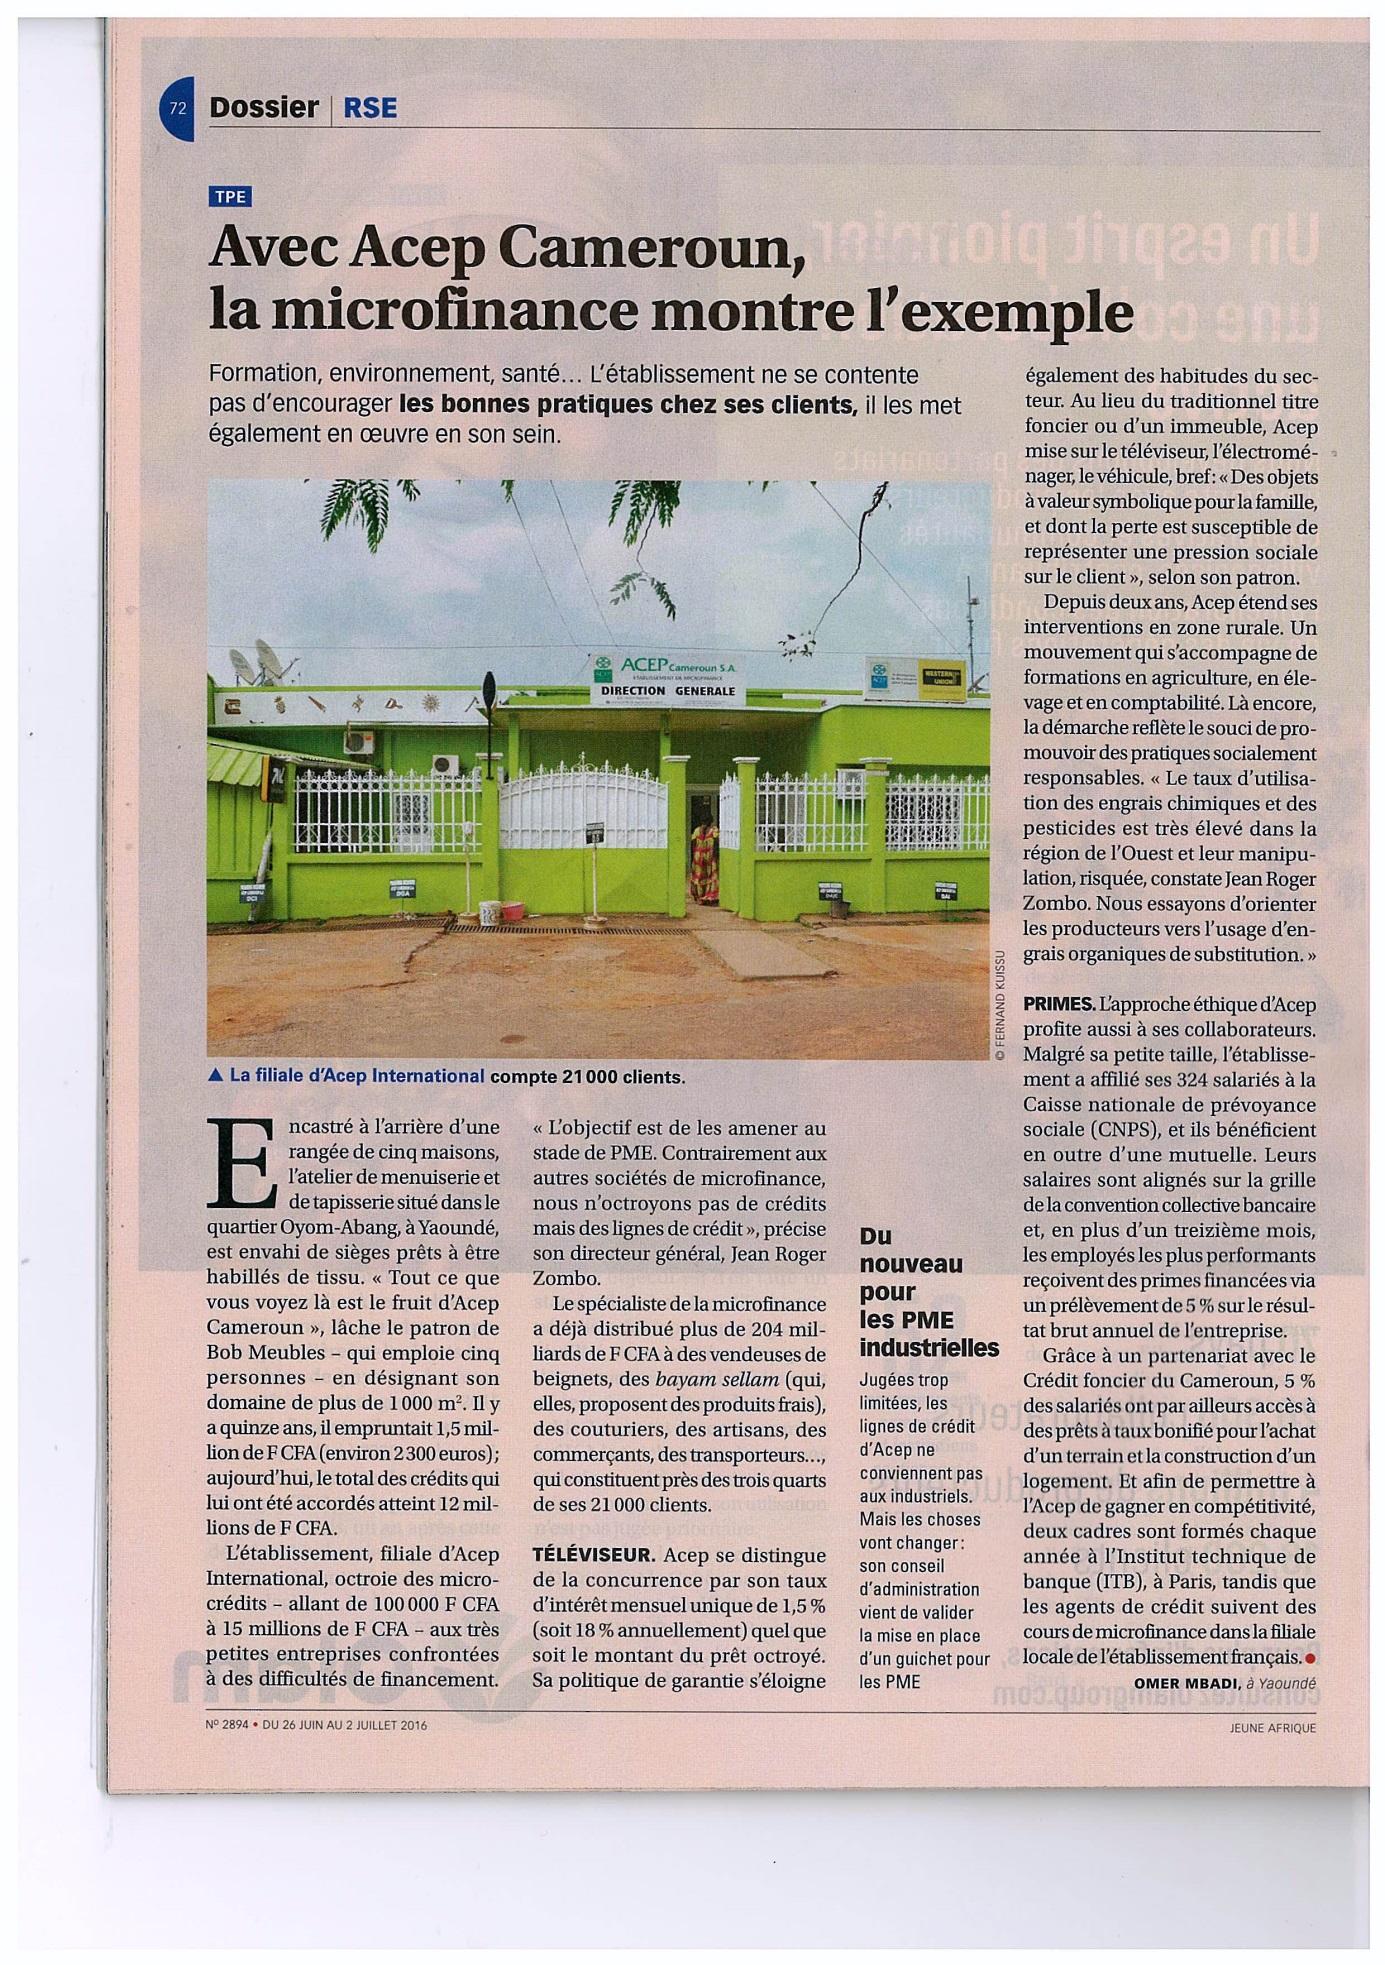 Jeune Afrique Publie Un Article Sur Acep Cameroun